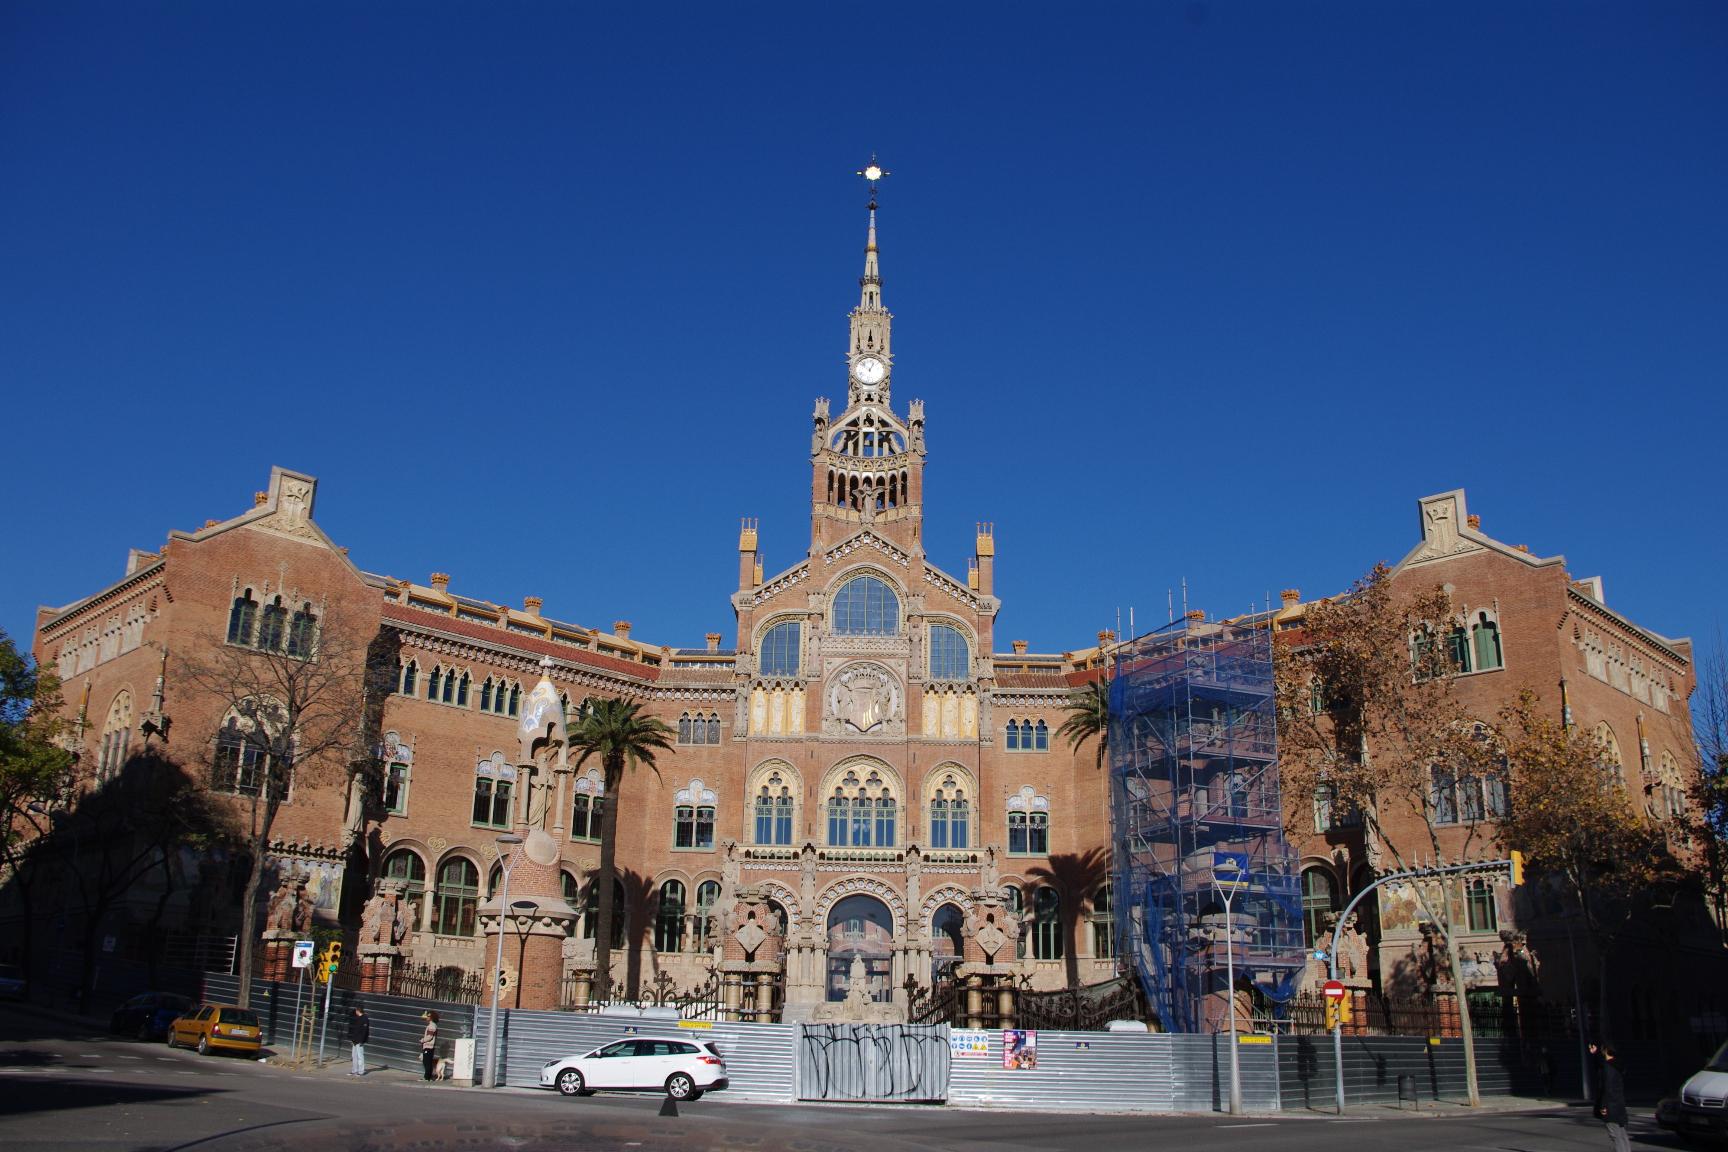 建筑和庭院中以历史题材的马赛克拼图和保罗加尔加略的雕塑作品装饰